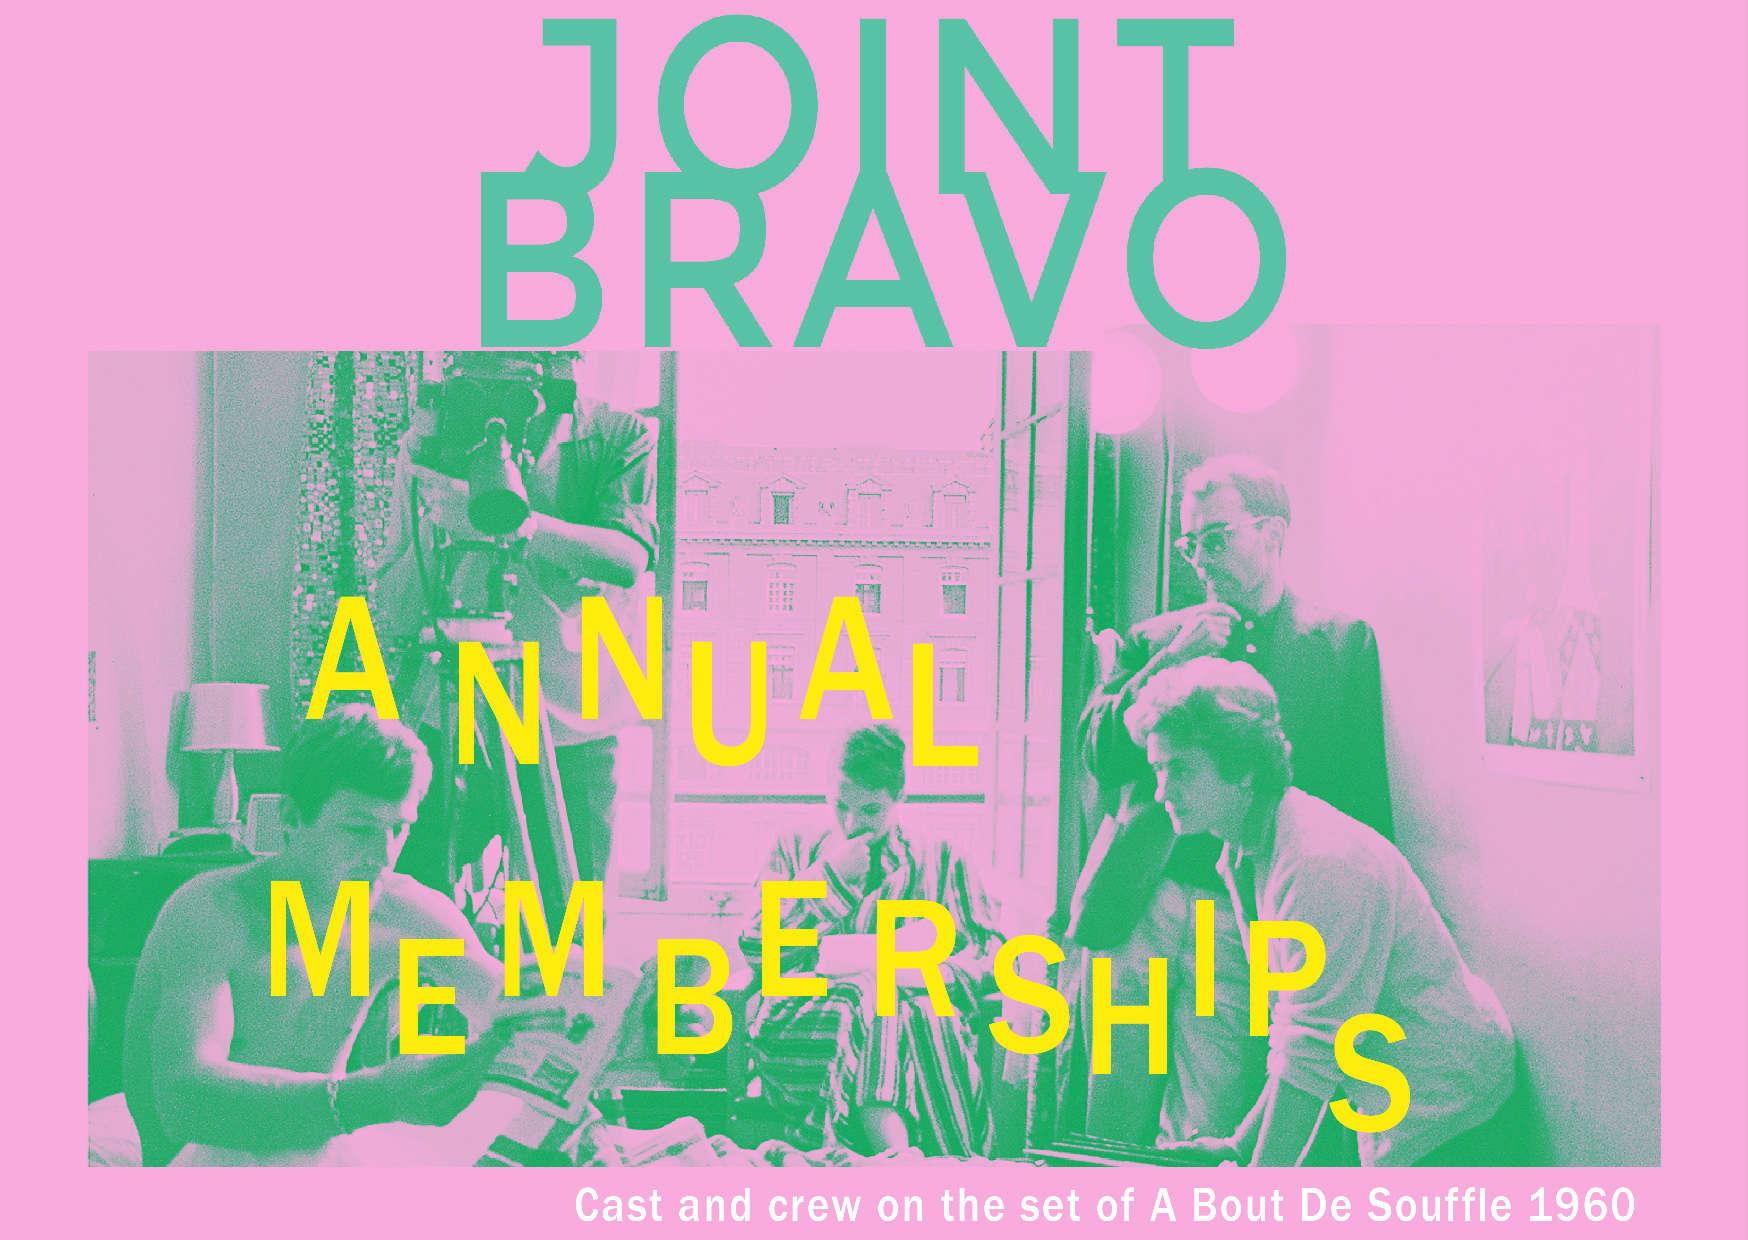 Rio Bravo Joint Membership